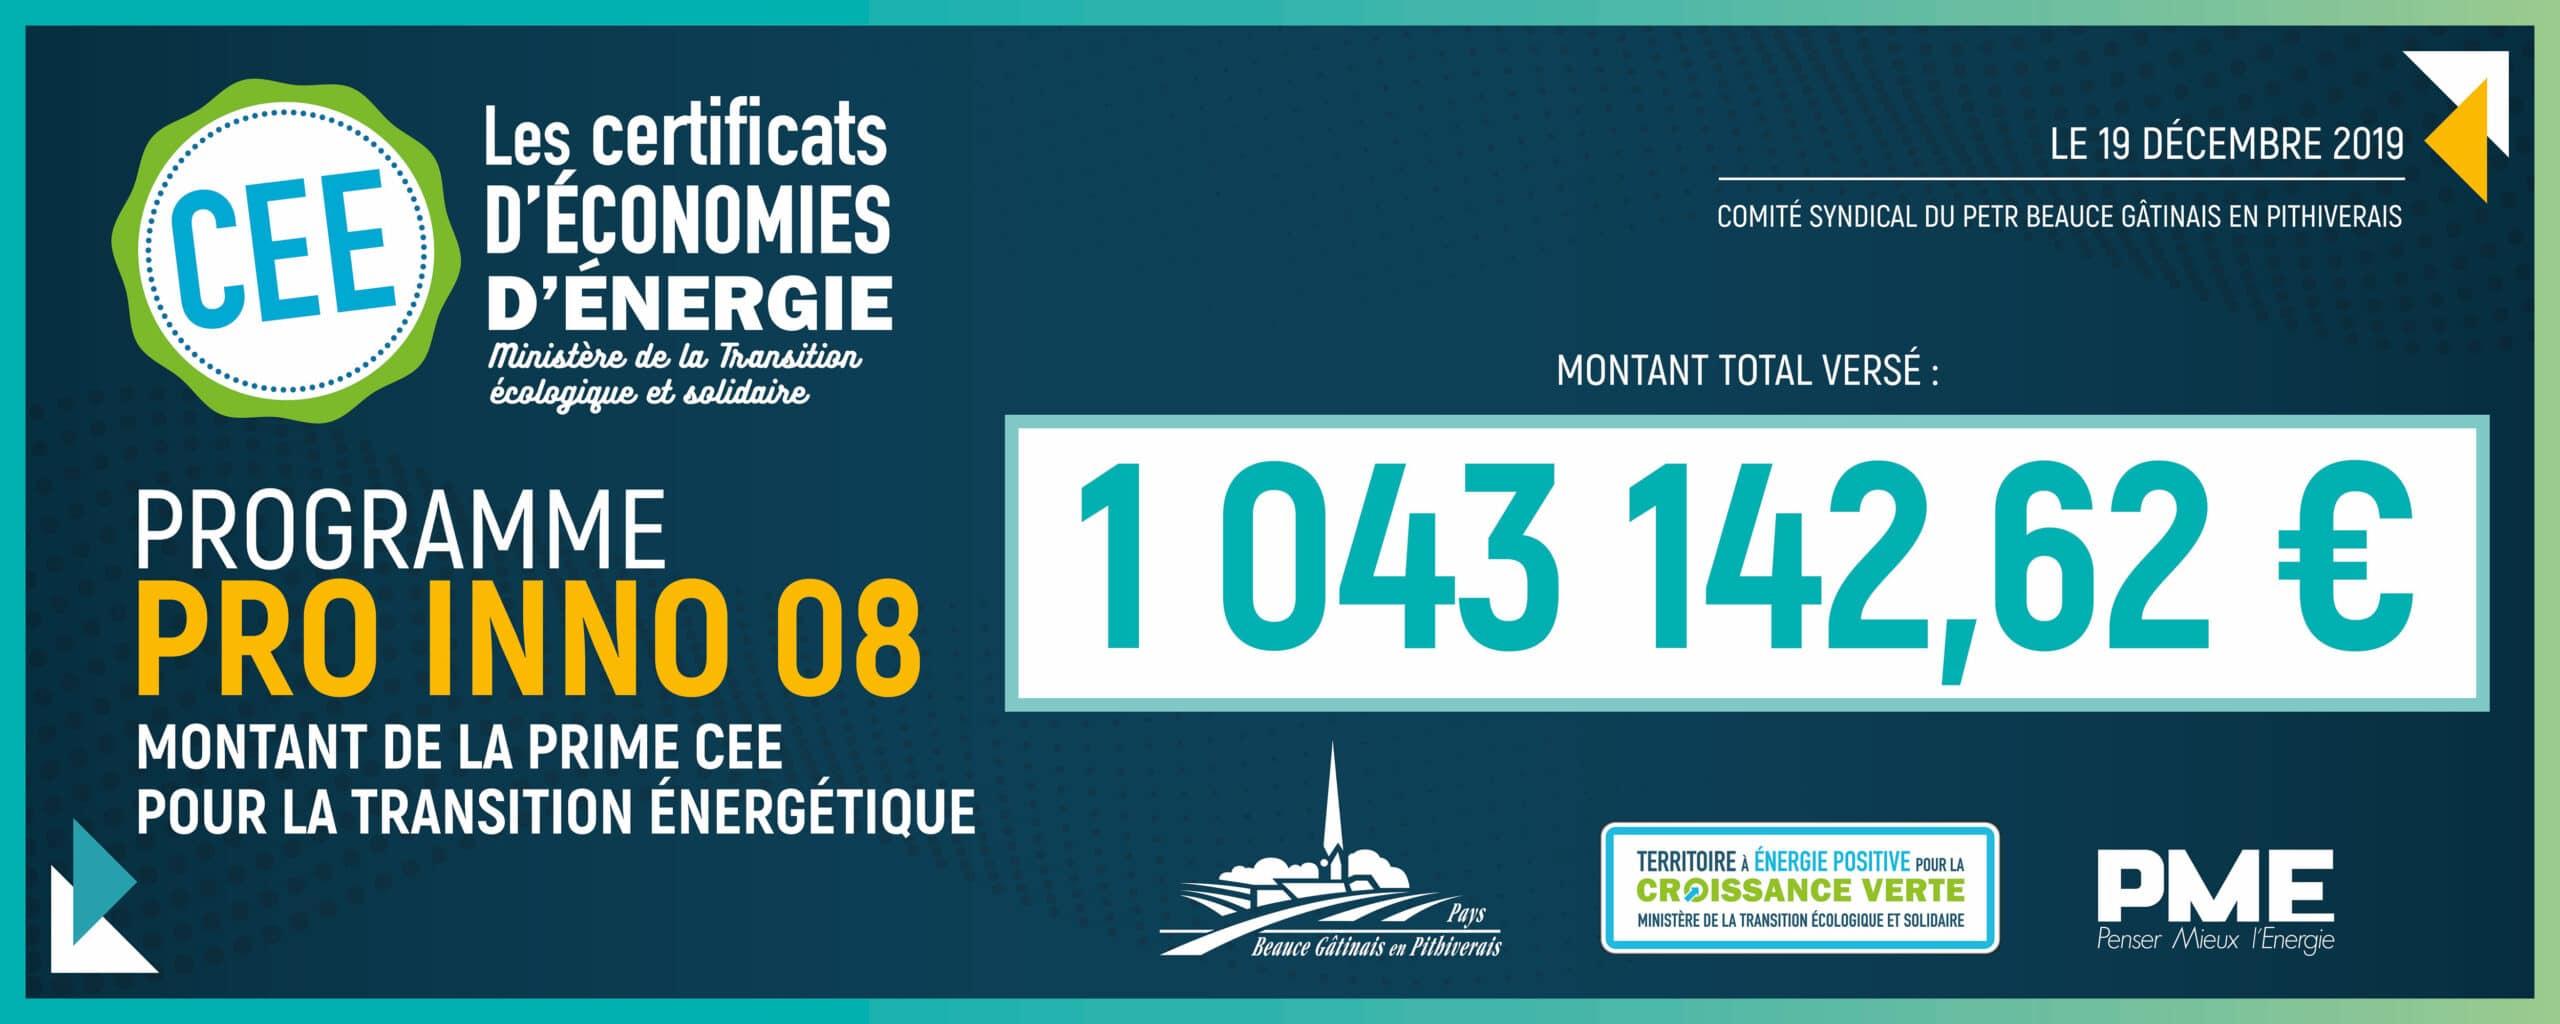 chèque du programme pro inno 08 : le montant total versé atteint 1043142 euros